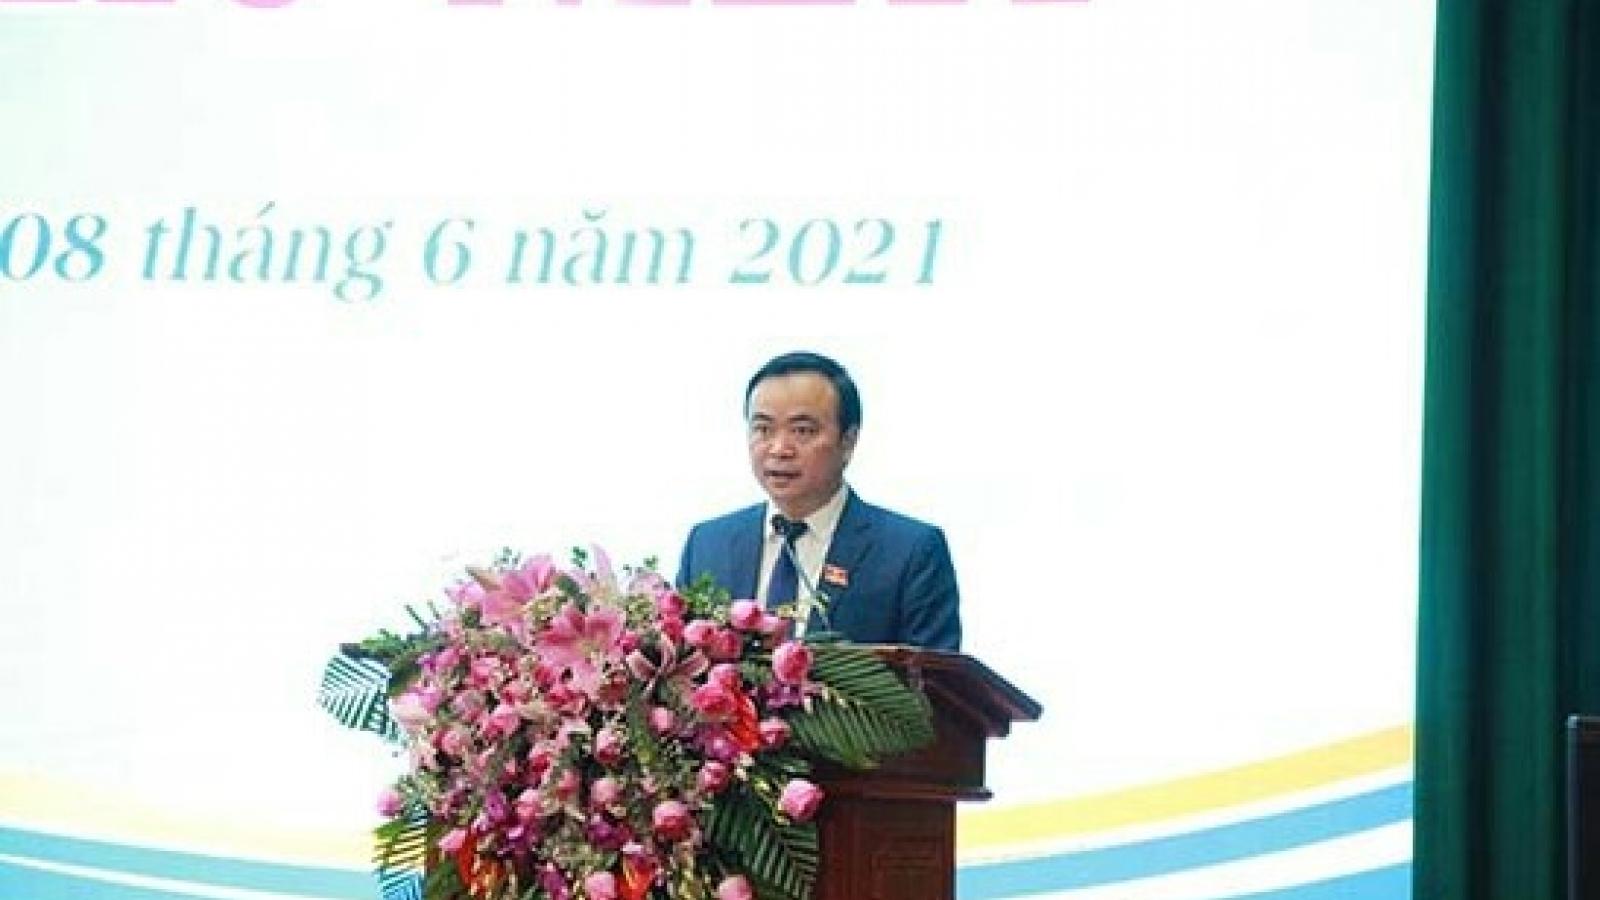 Ông Hà Trung Chiến được bầu giữ chức Chủ tịch HĐNDthành phố Sơn La